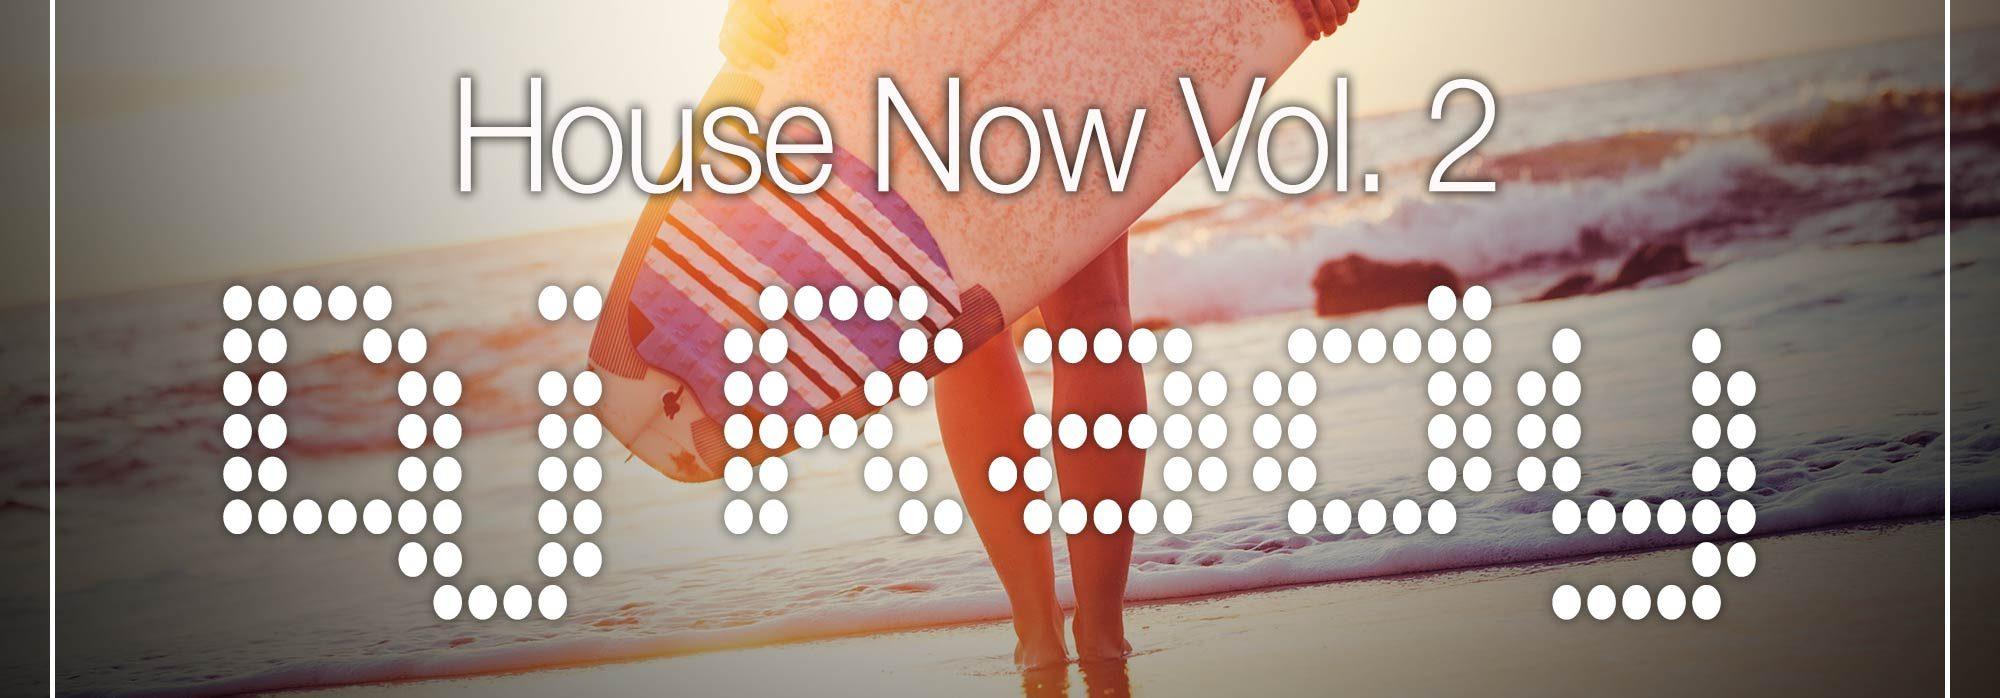 Dj Rady - House Now vol. 2